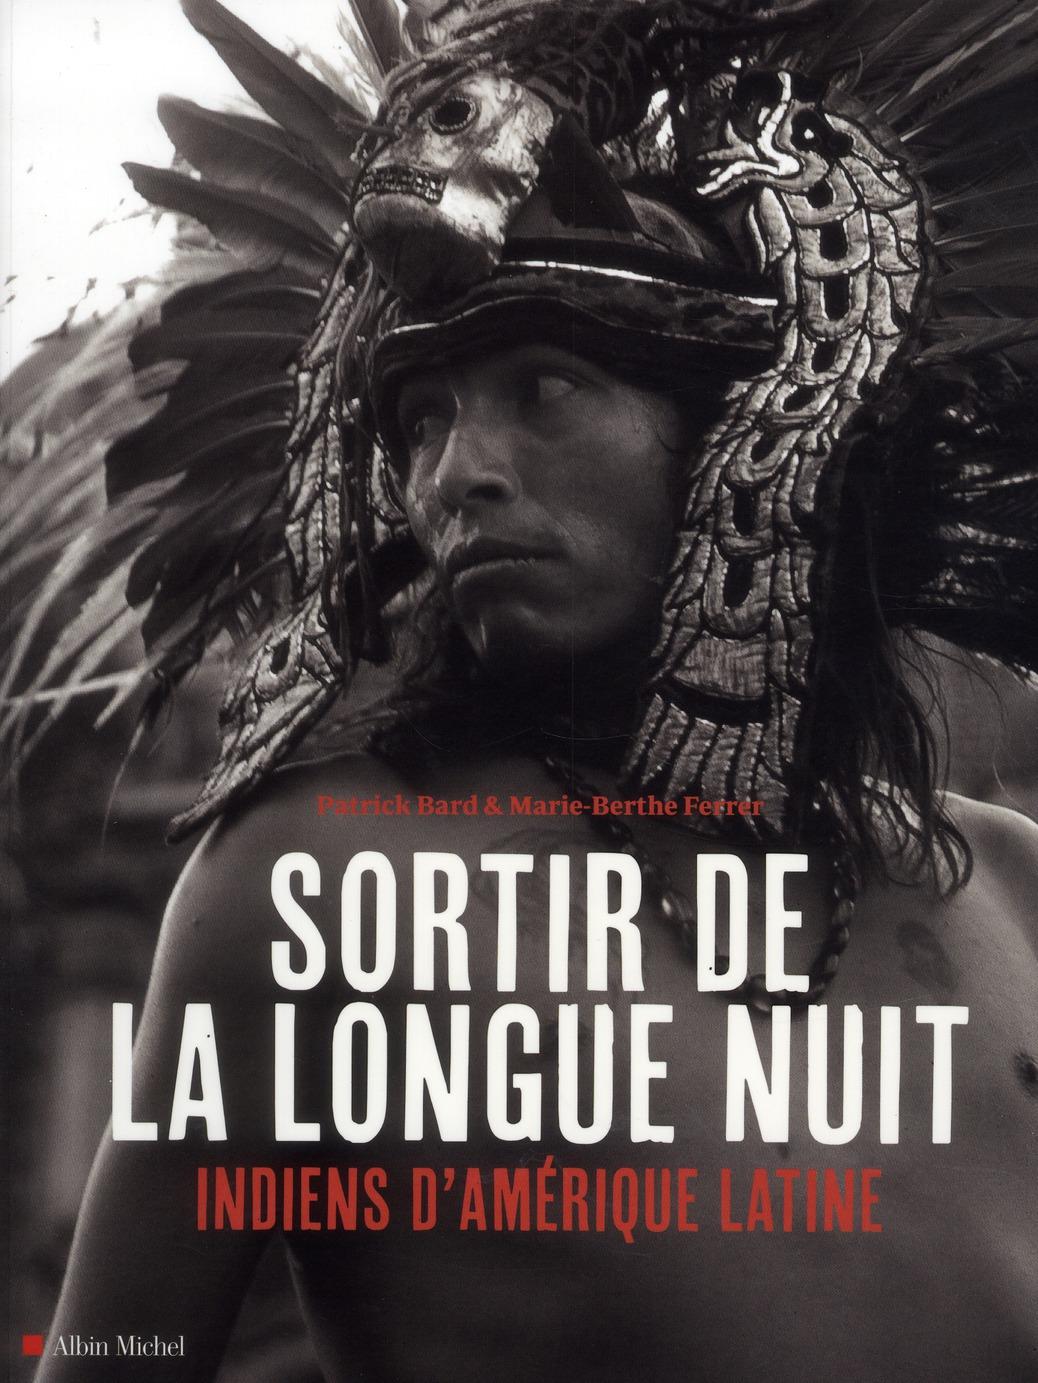 SORTIR DE LA LONGUE NUIT - INDIENS D'AMERIQUE LATINE